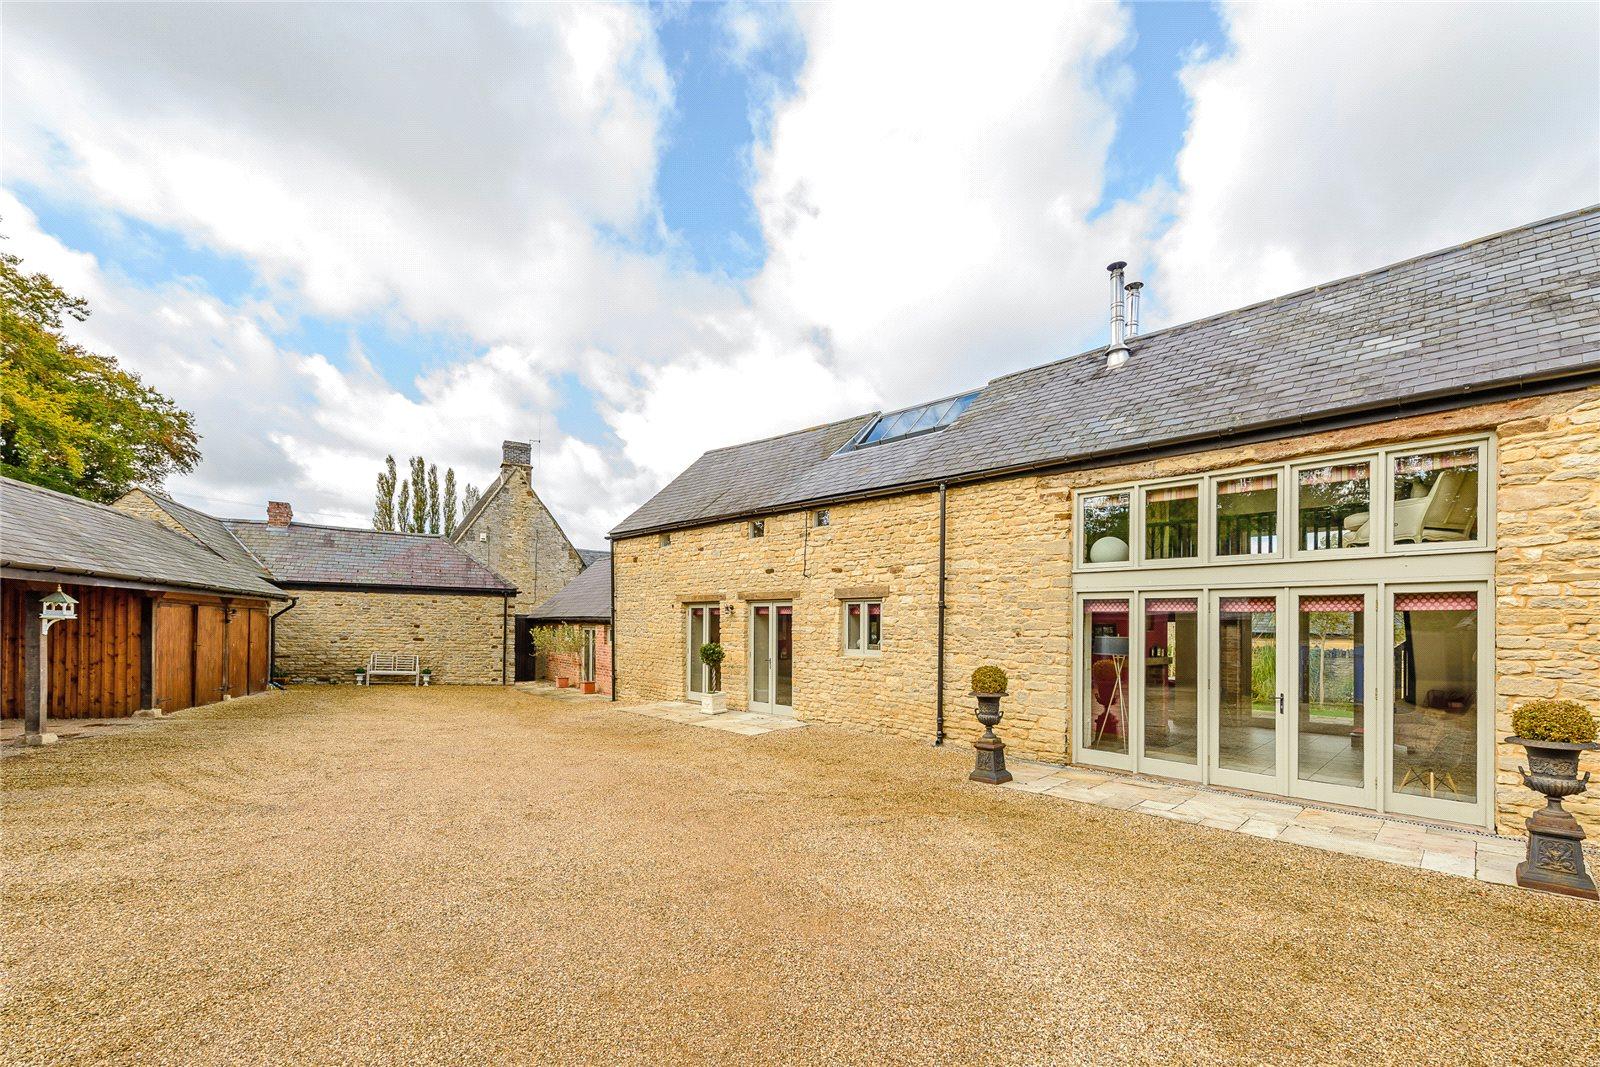 一戸建て のために 売買 アット Magpie Road, Sulgrave, Banbury, Oxfordshire, OX17 Banbury, イギリス